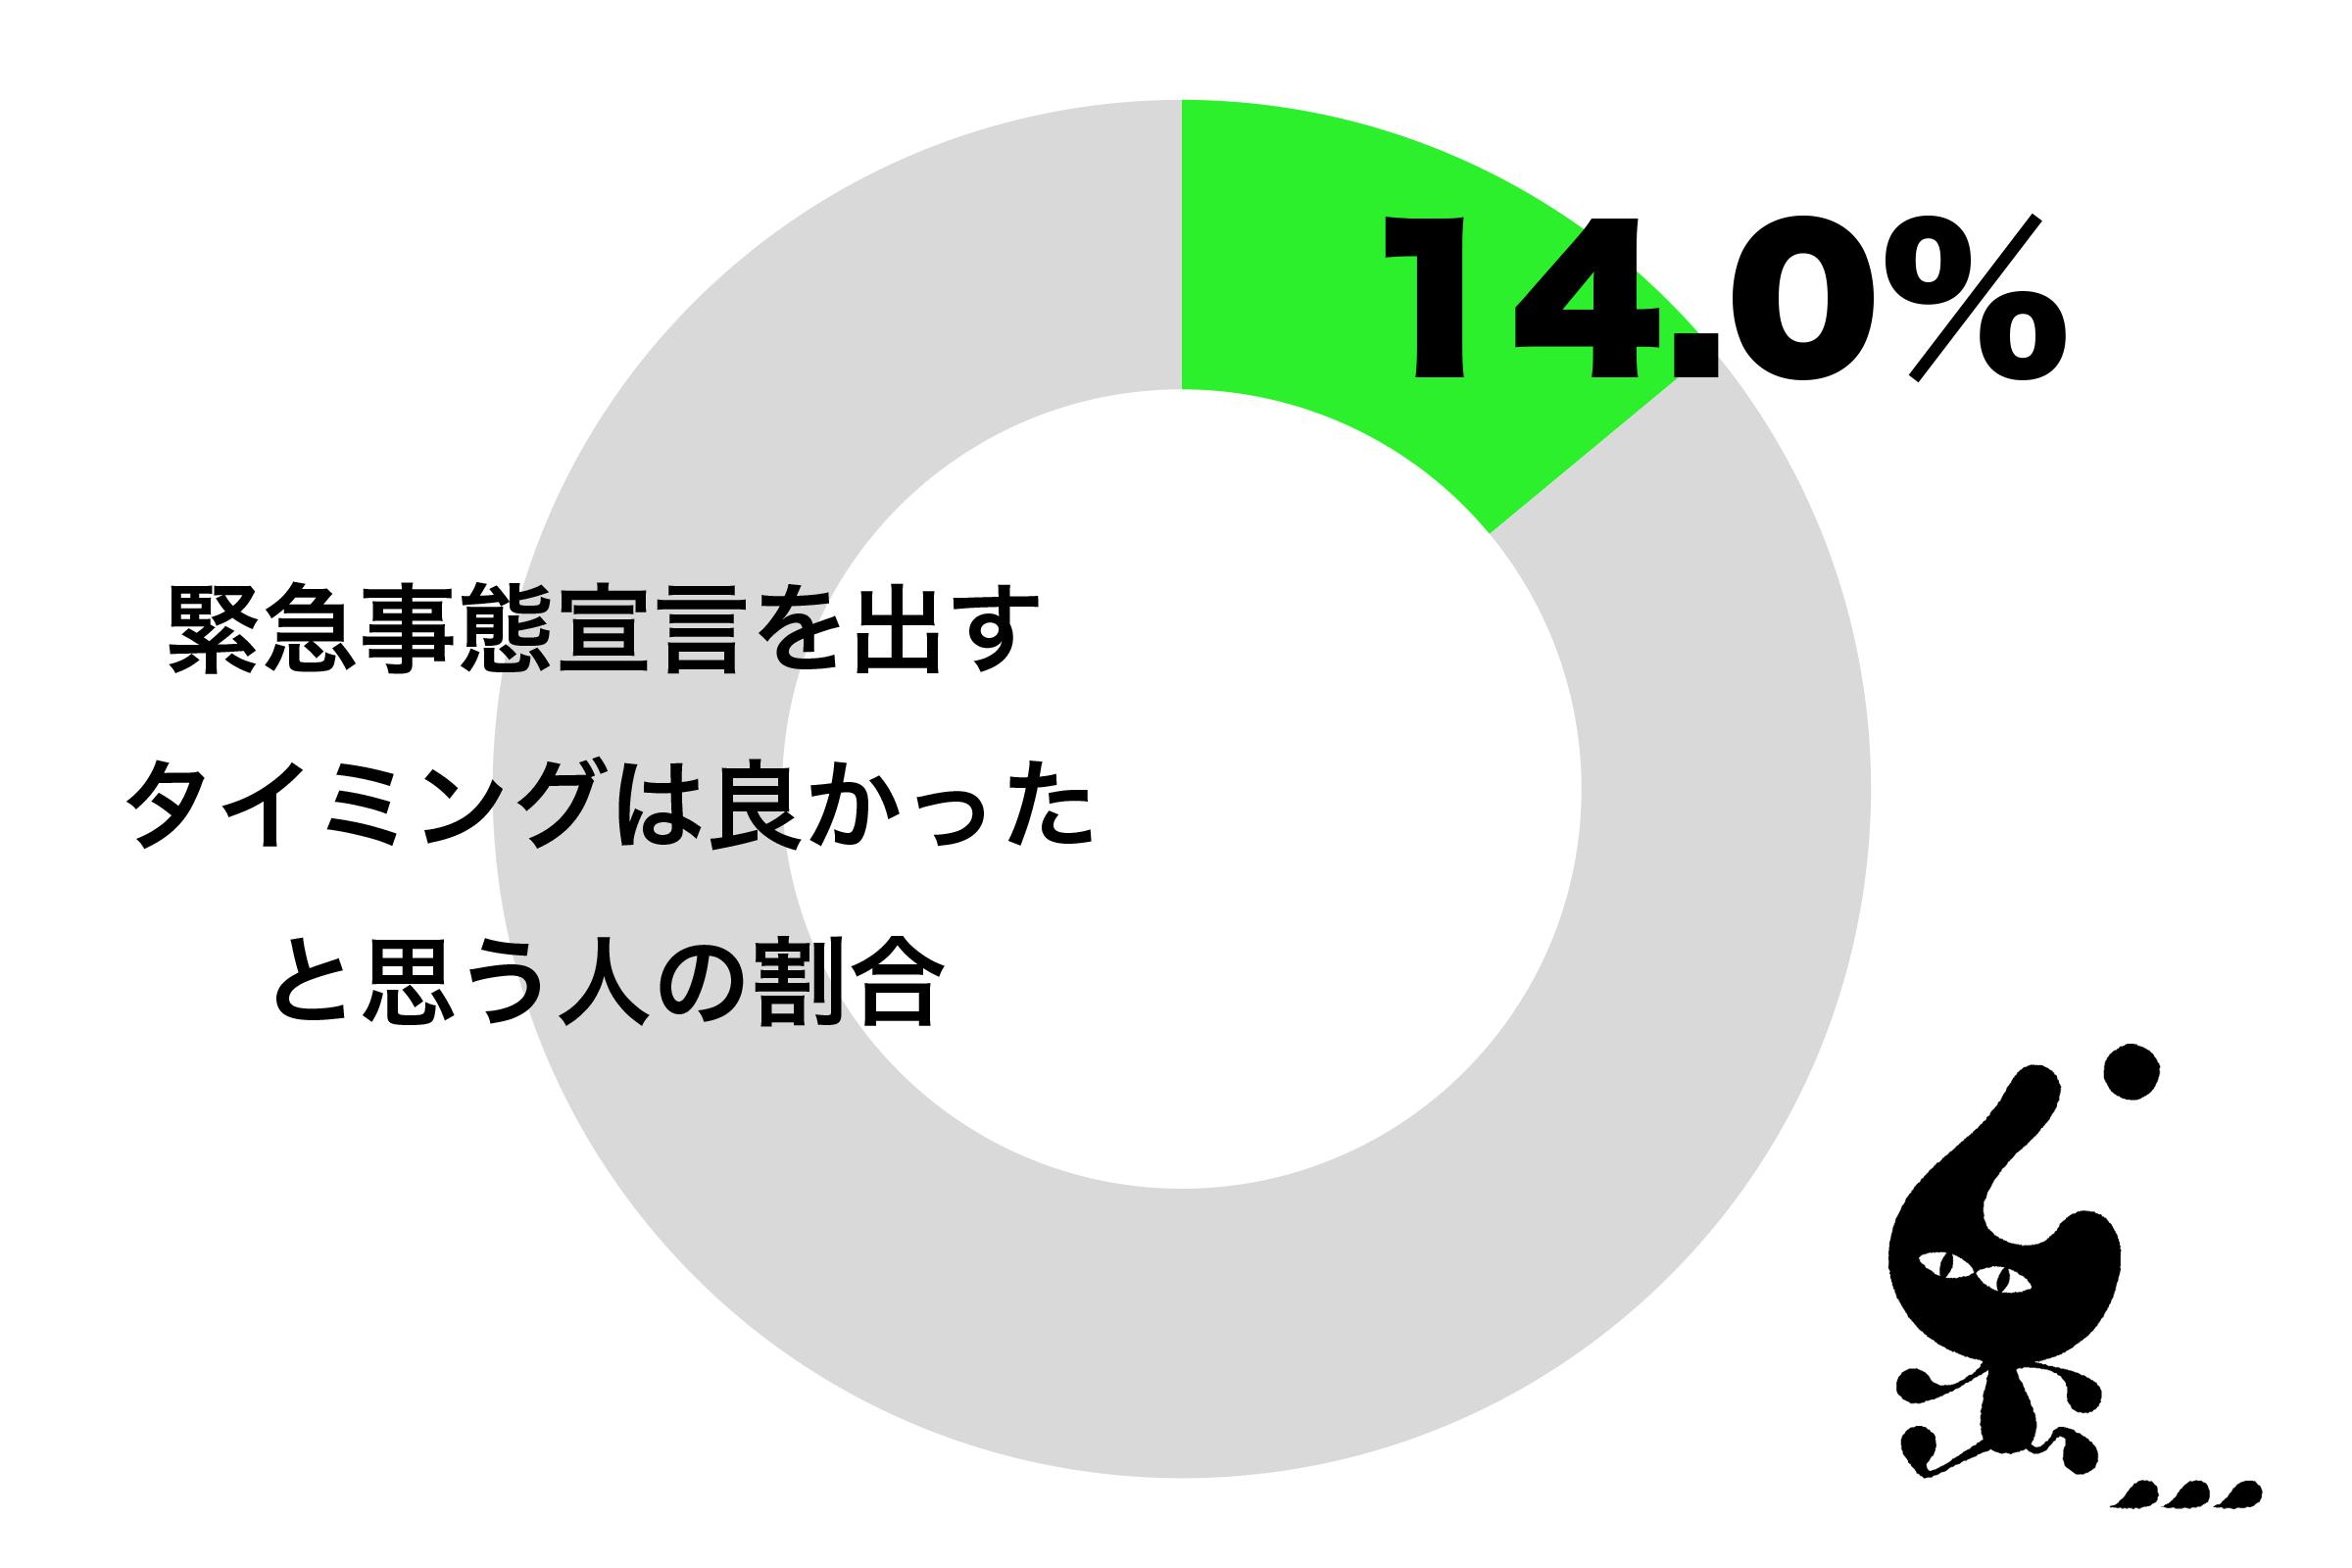 日本が緊急事態宣言を出すタイミングはちょうど良かったと思う